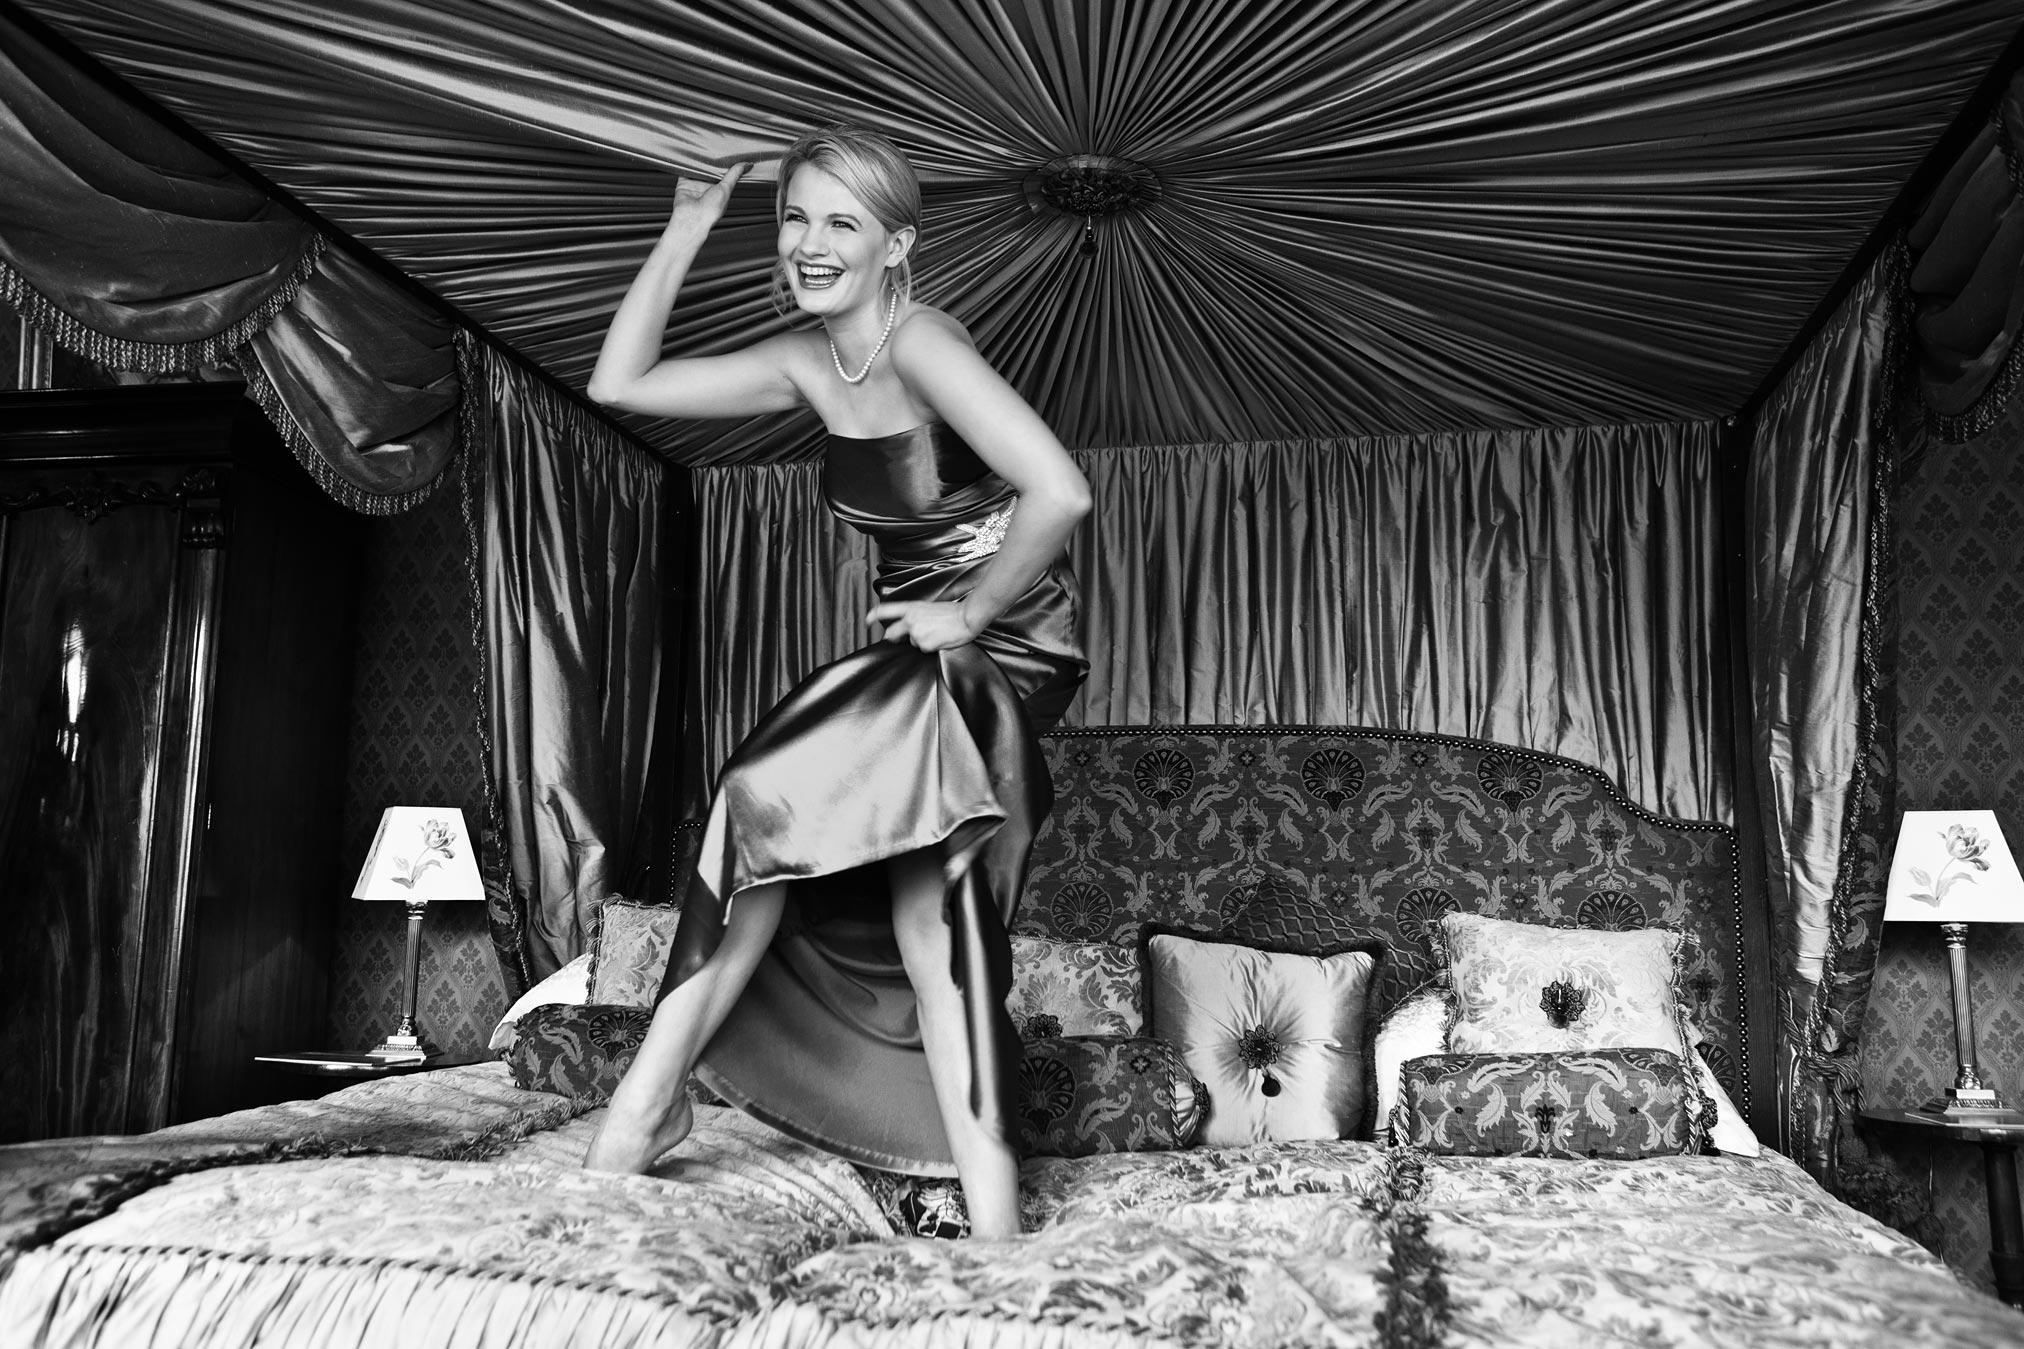 Chloe-Jasmine Whichello in a silk dress in Somerset.